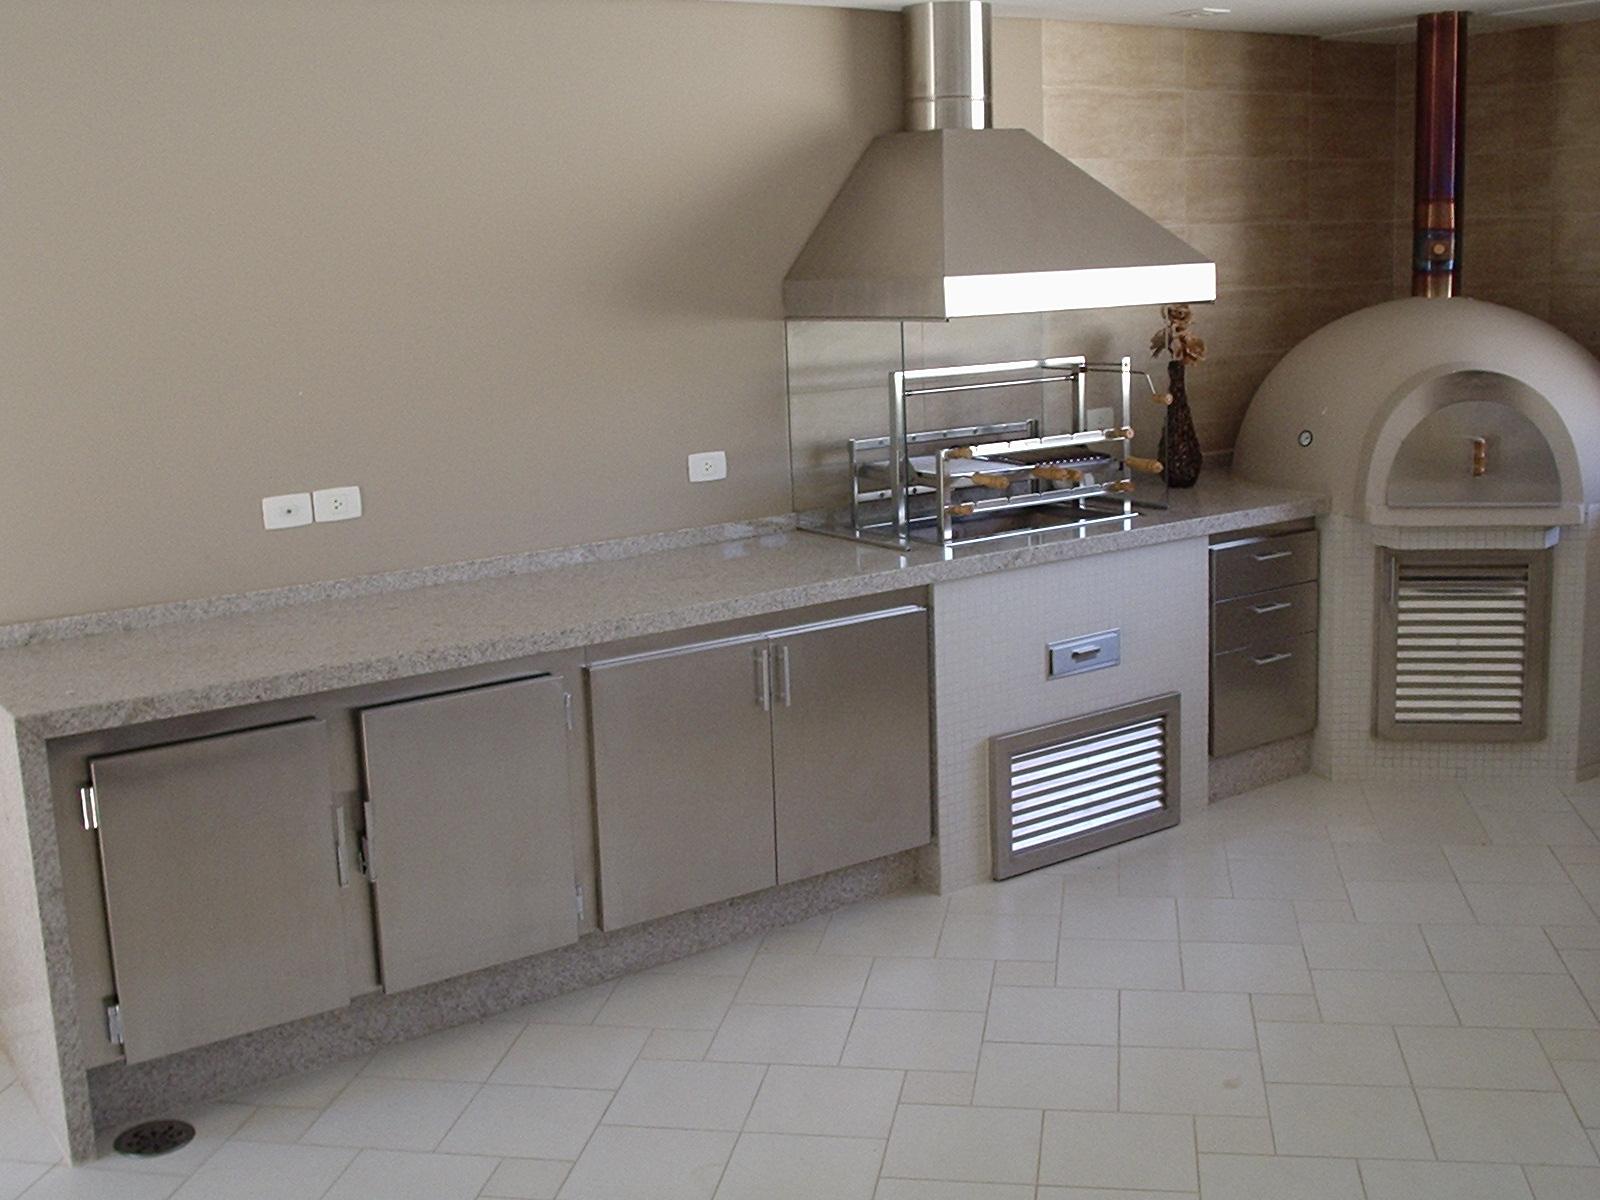 Condomínio SansSouci São José dos Campos (SP) Varandas Gourmet #41342B 1600 1200